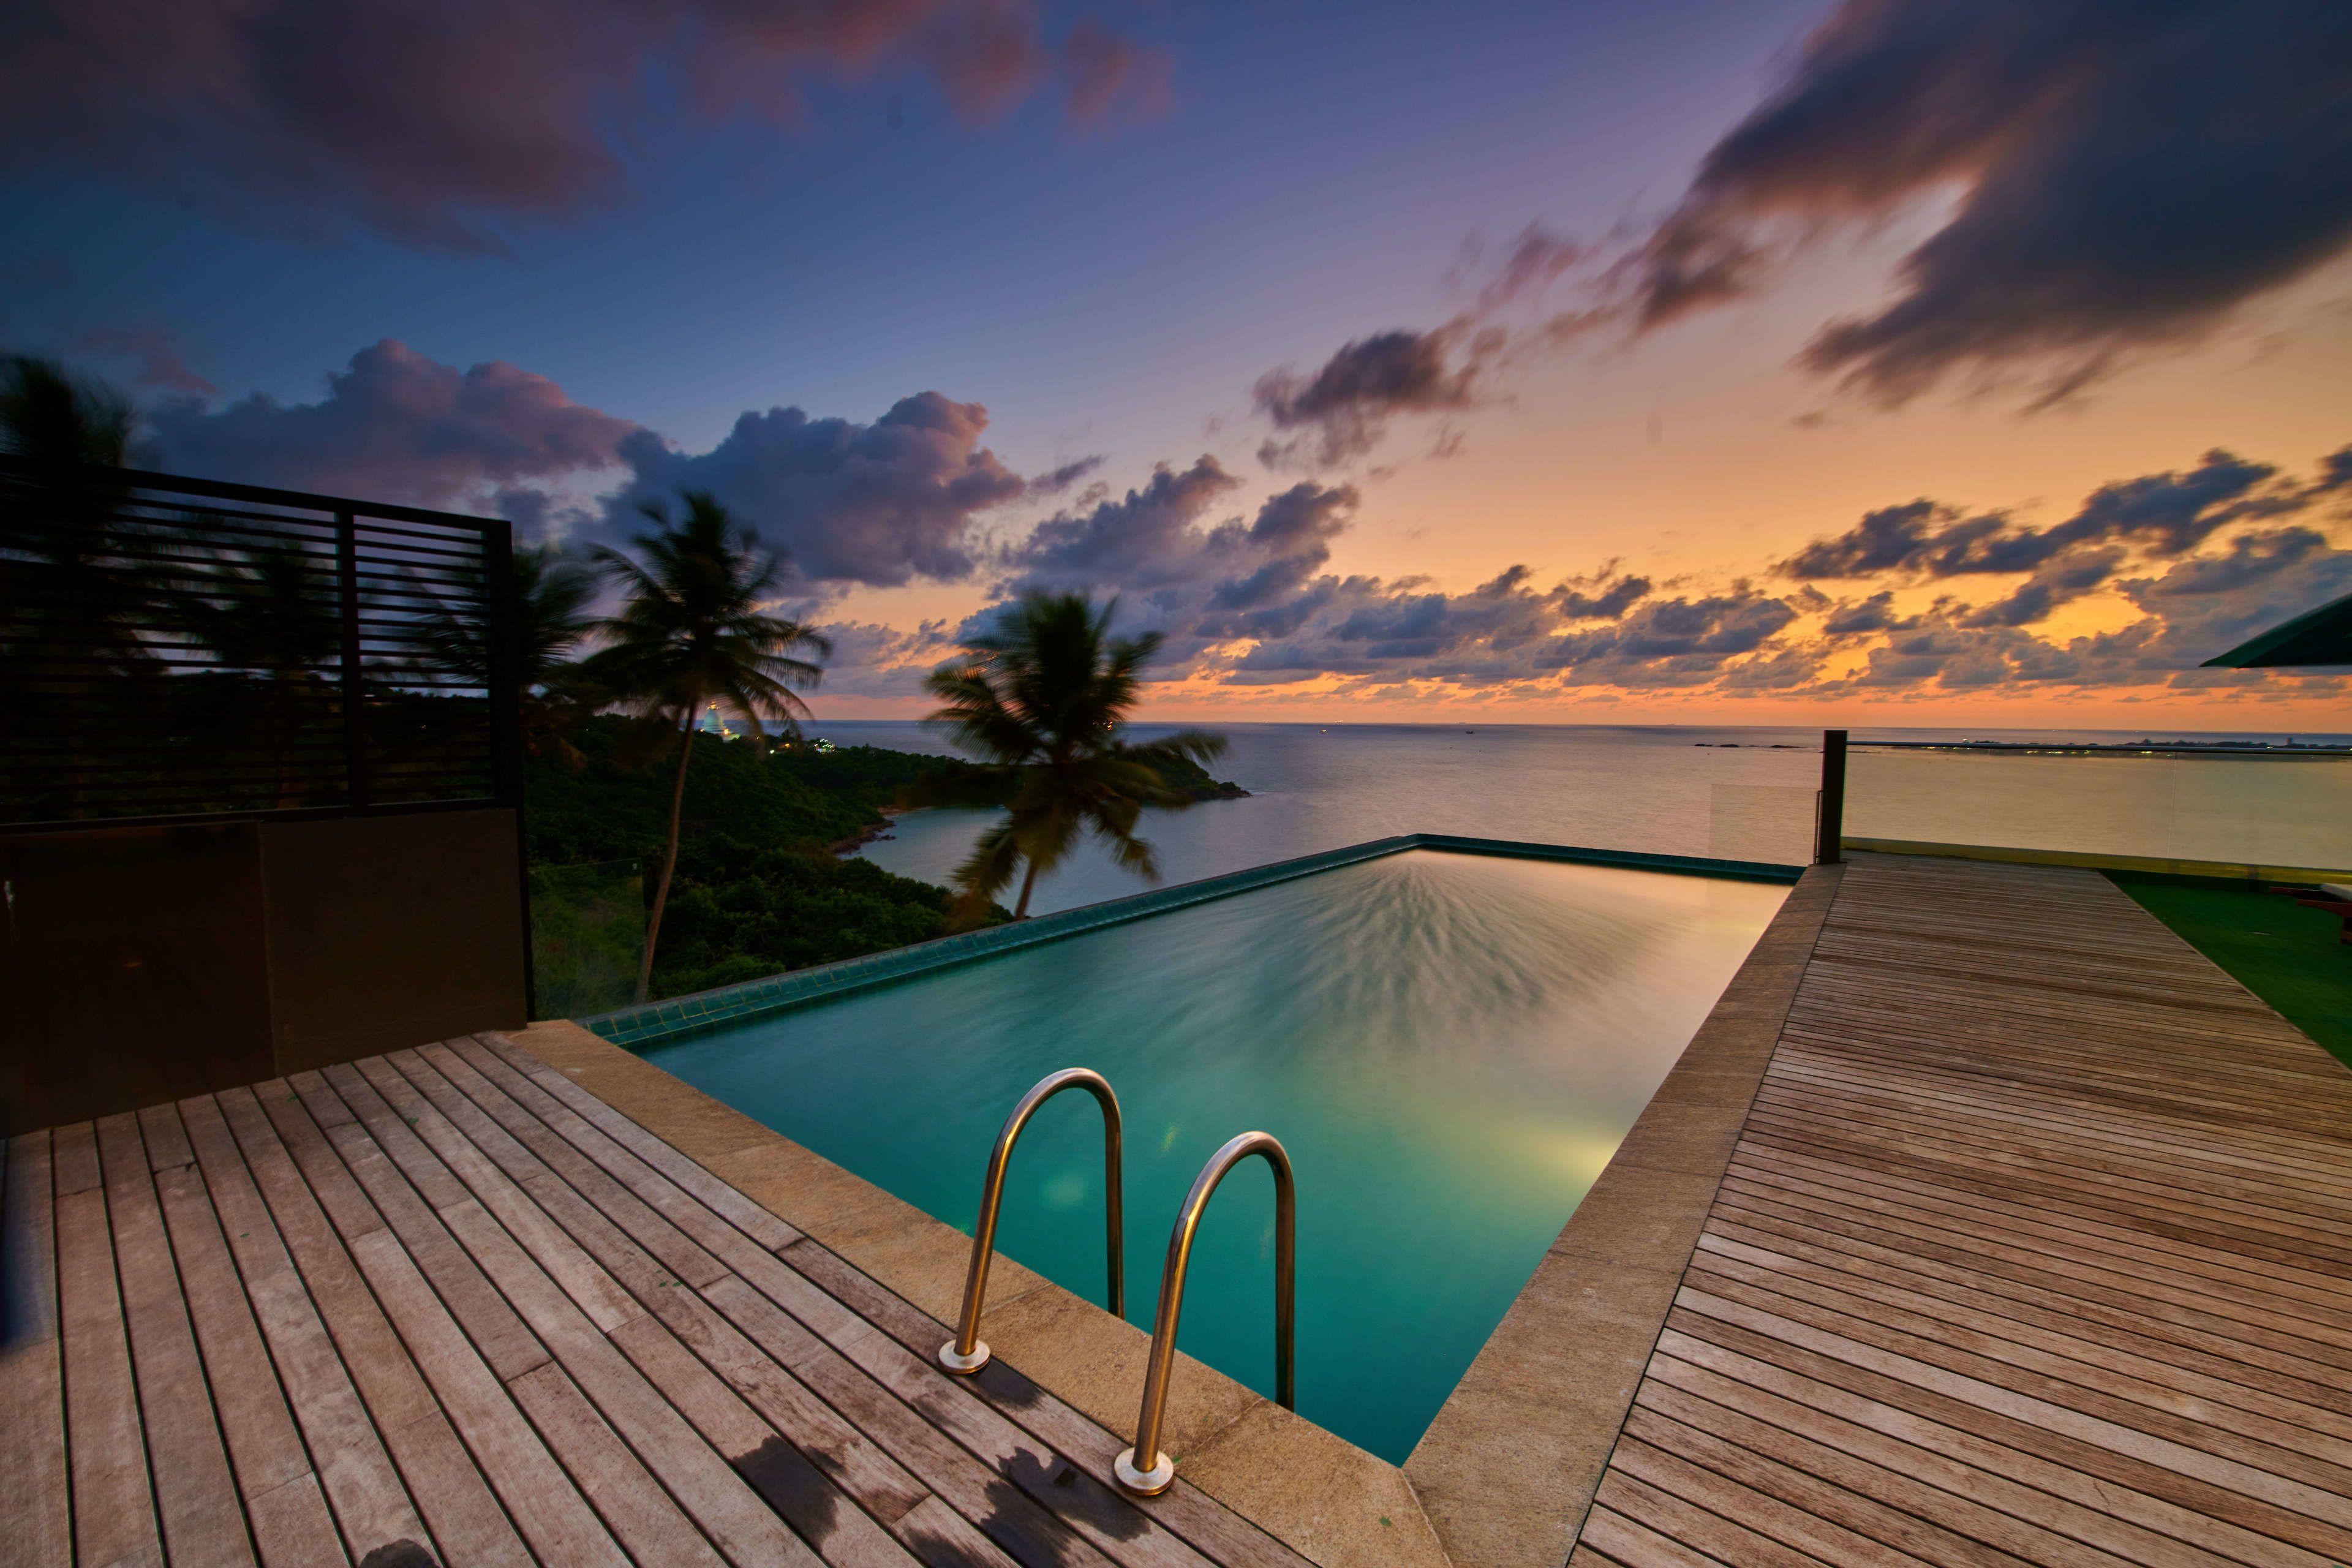 Courtesy of Agnus Luxury Villa / Expedia.com